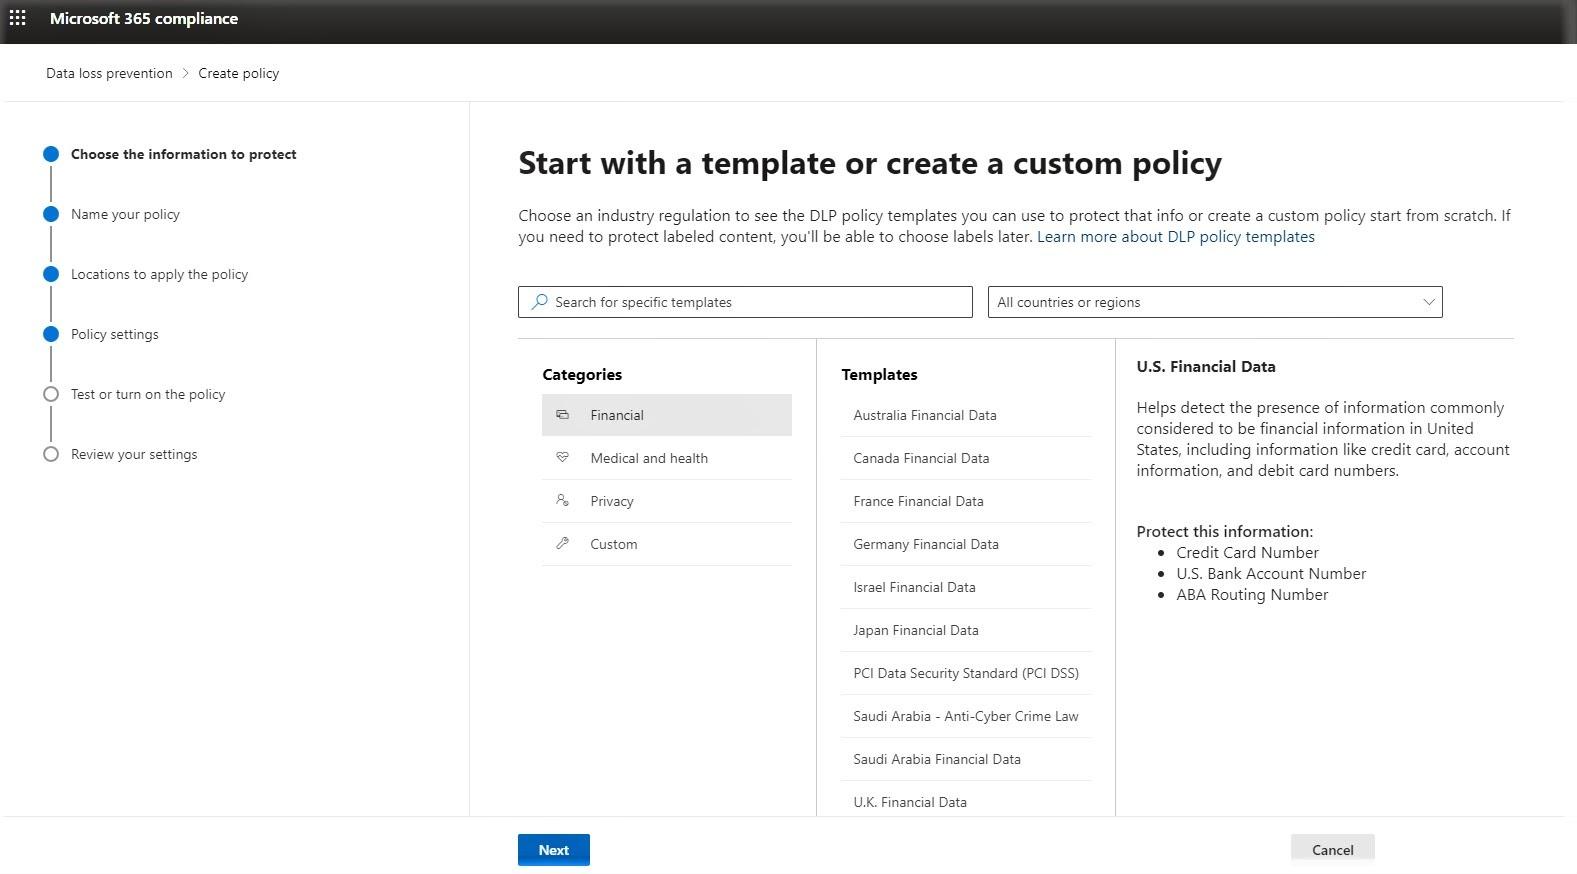 Встроенное DLP-решение в Microsoft 365